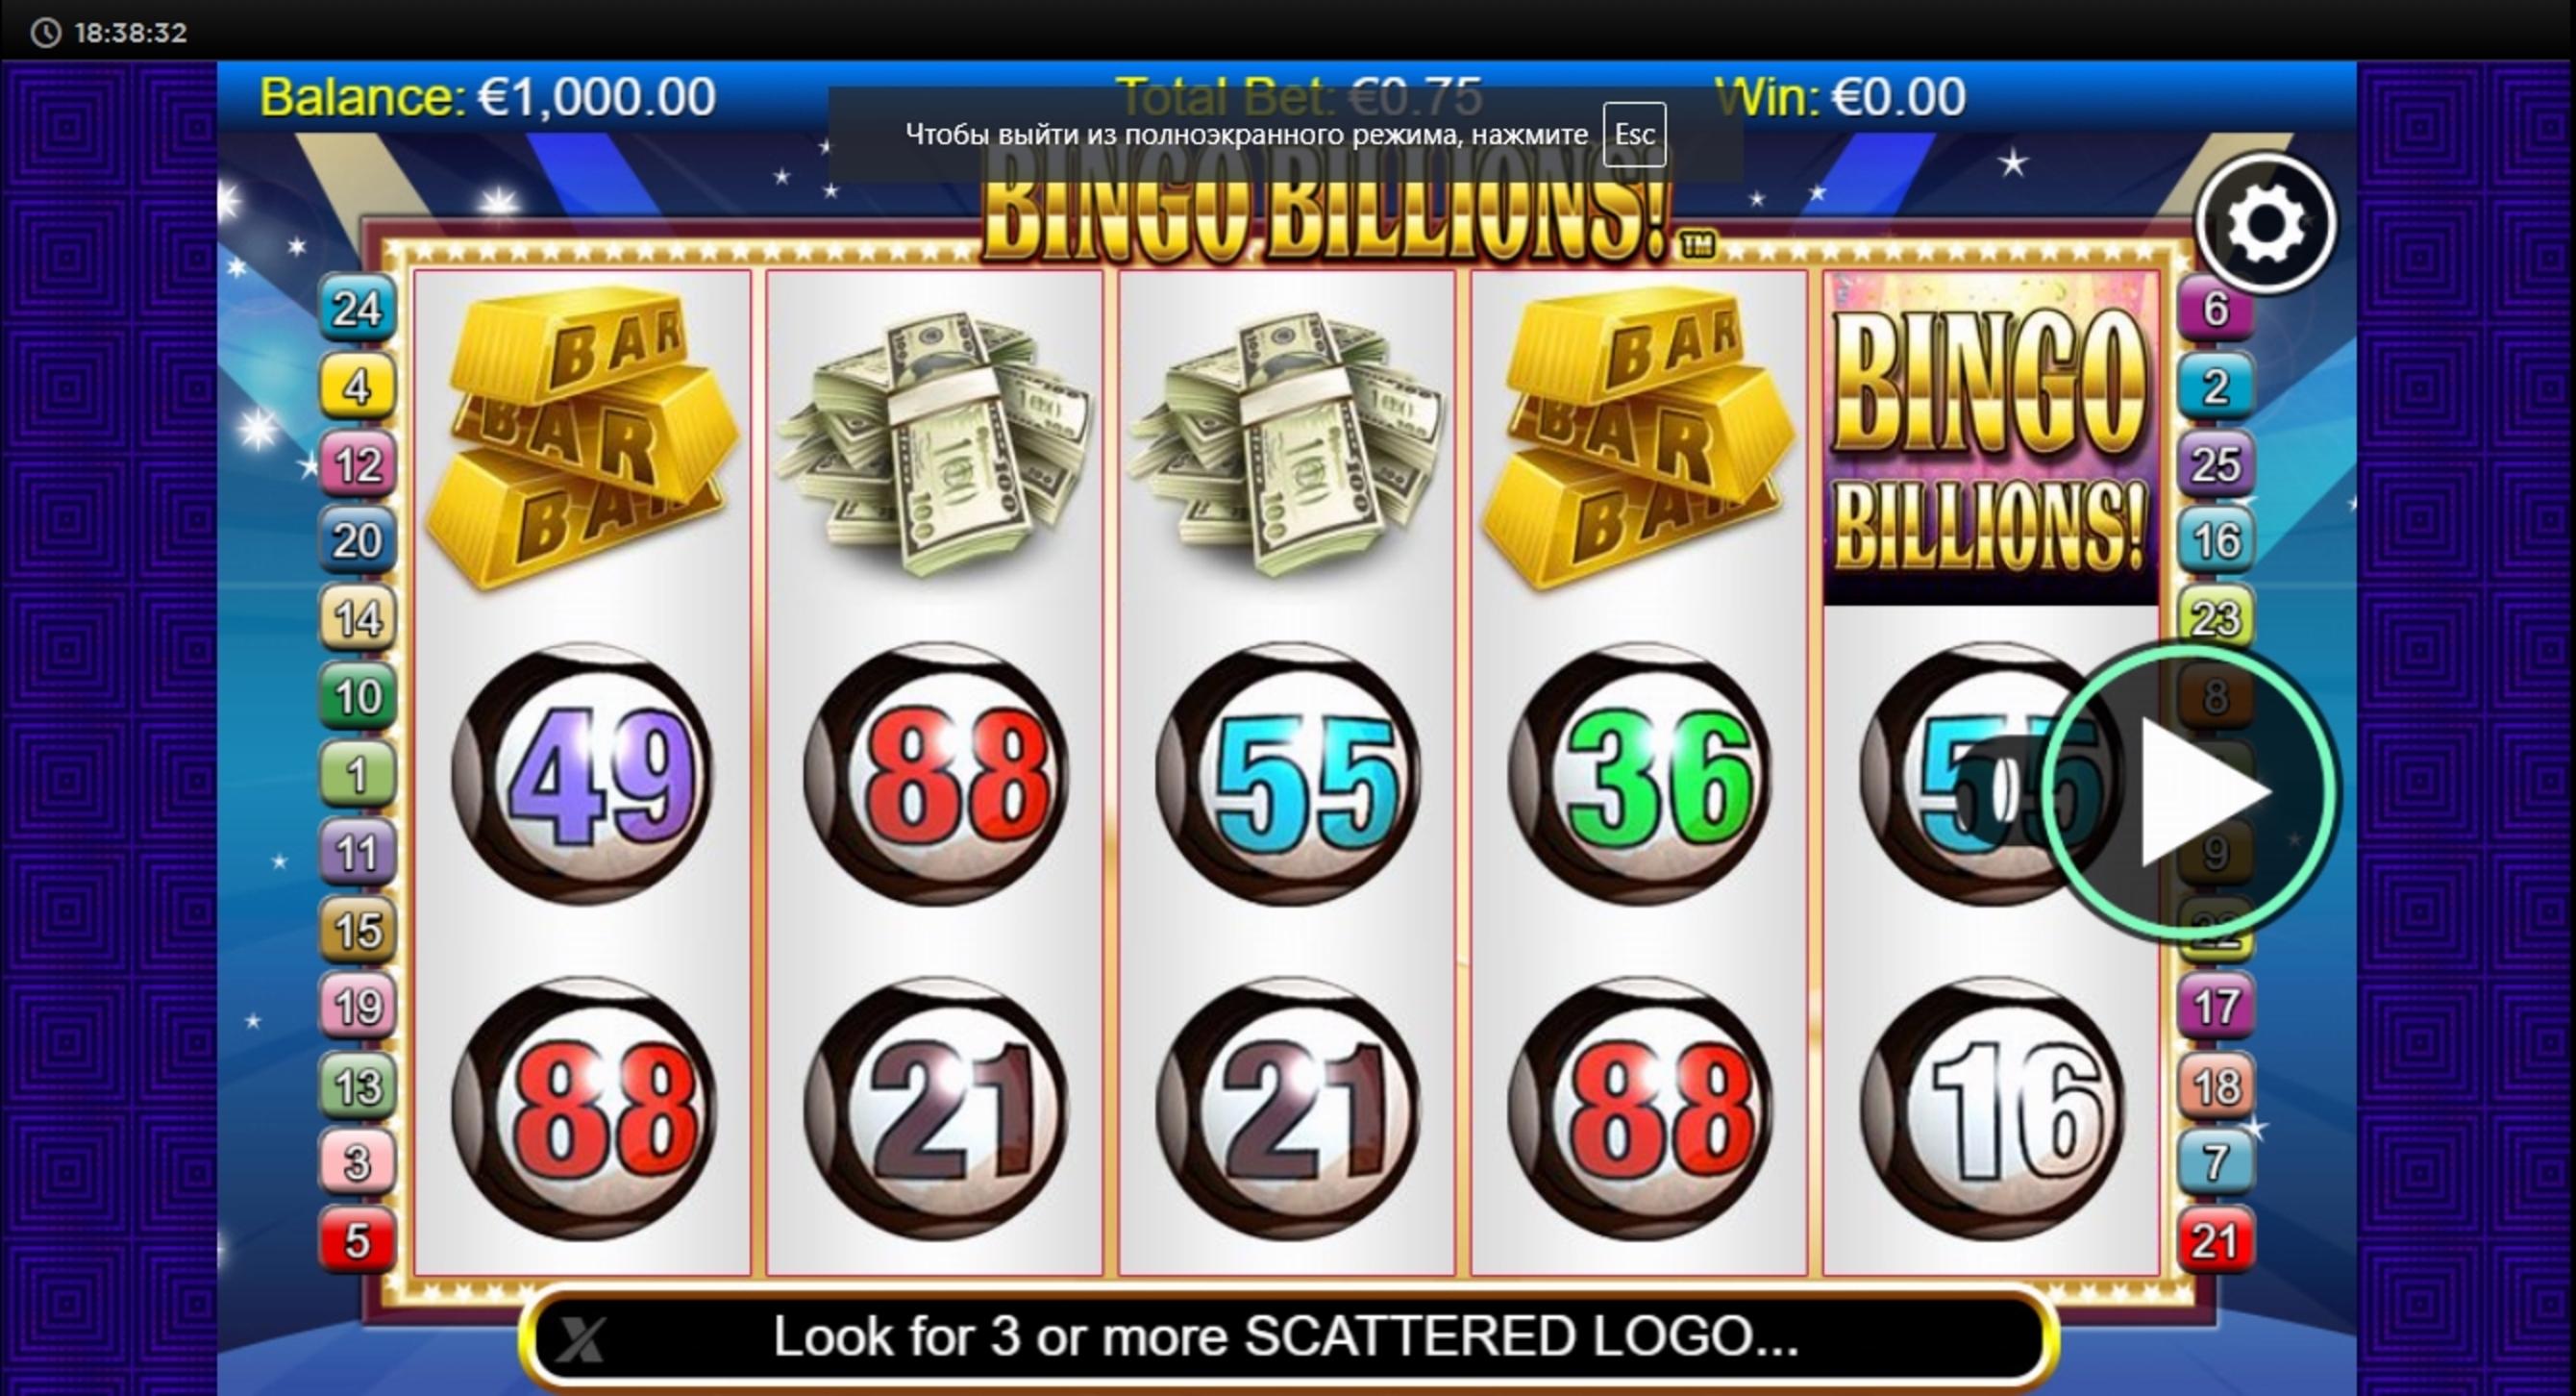 Bingo billions nextgen gaming slot game Elbistan